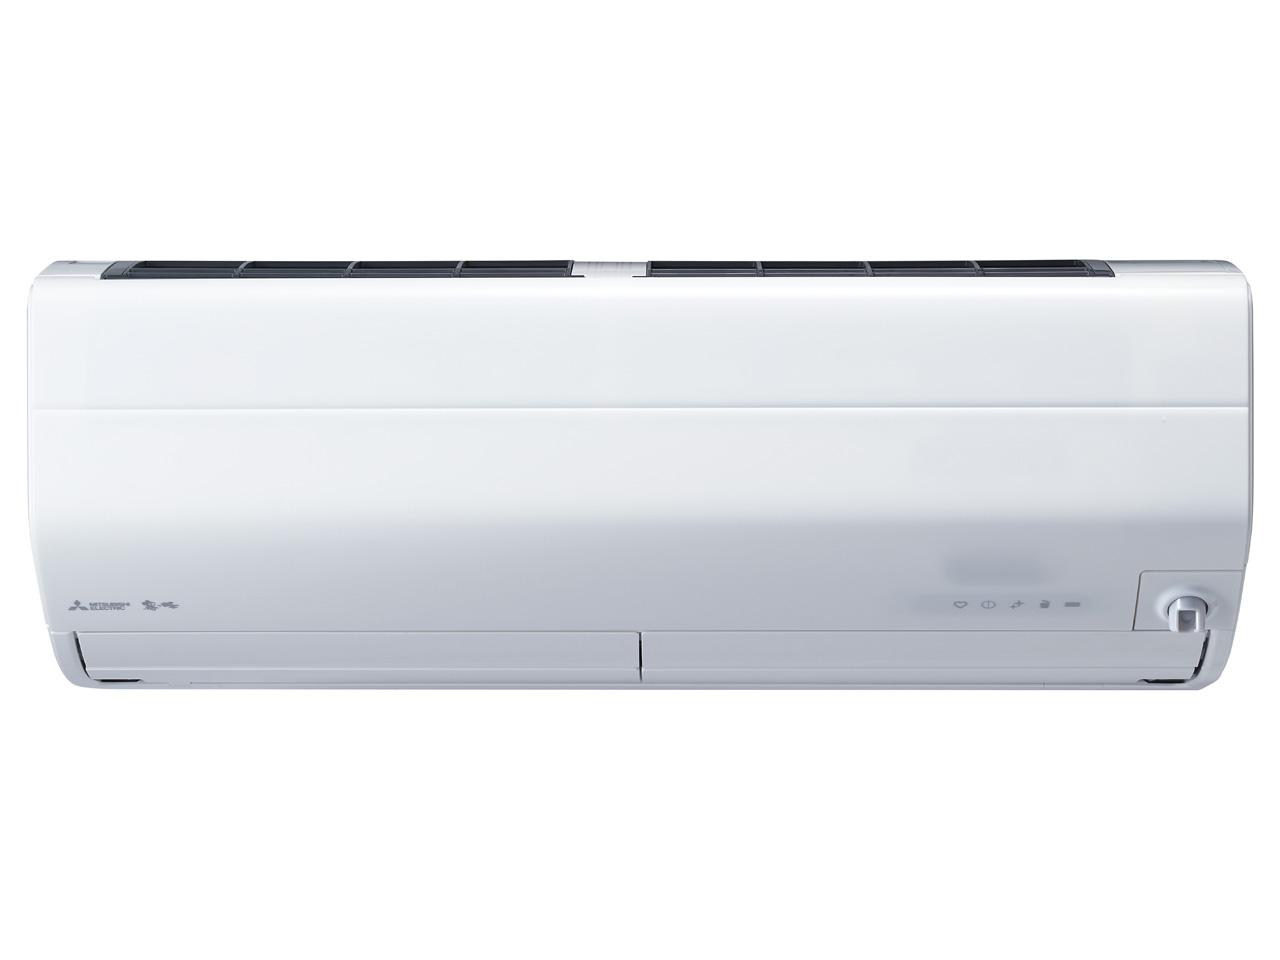 三菱 19年モデル MSZ-ZD2819S-W【ズバ暖霧ヶ峰】搭載冷暖房10畳用エアコン200V仕様